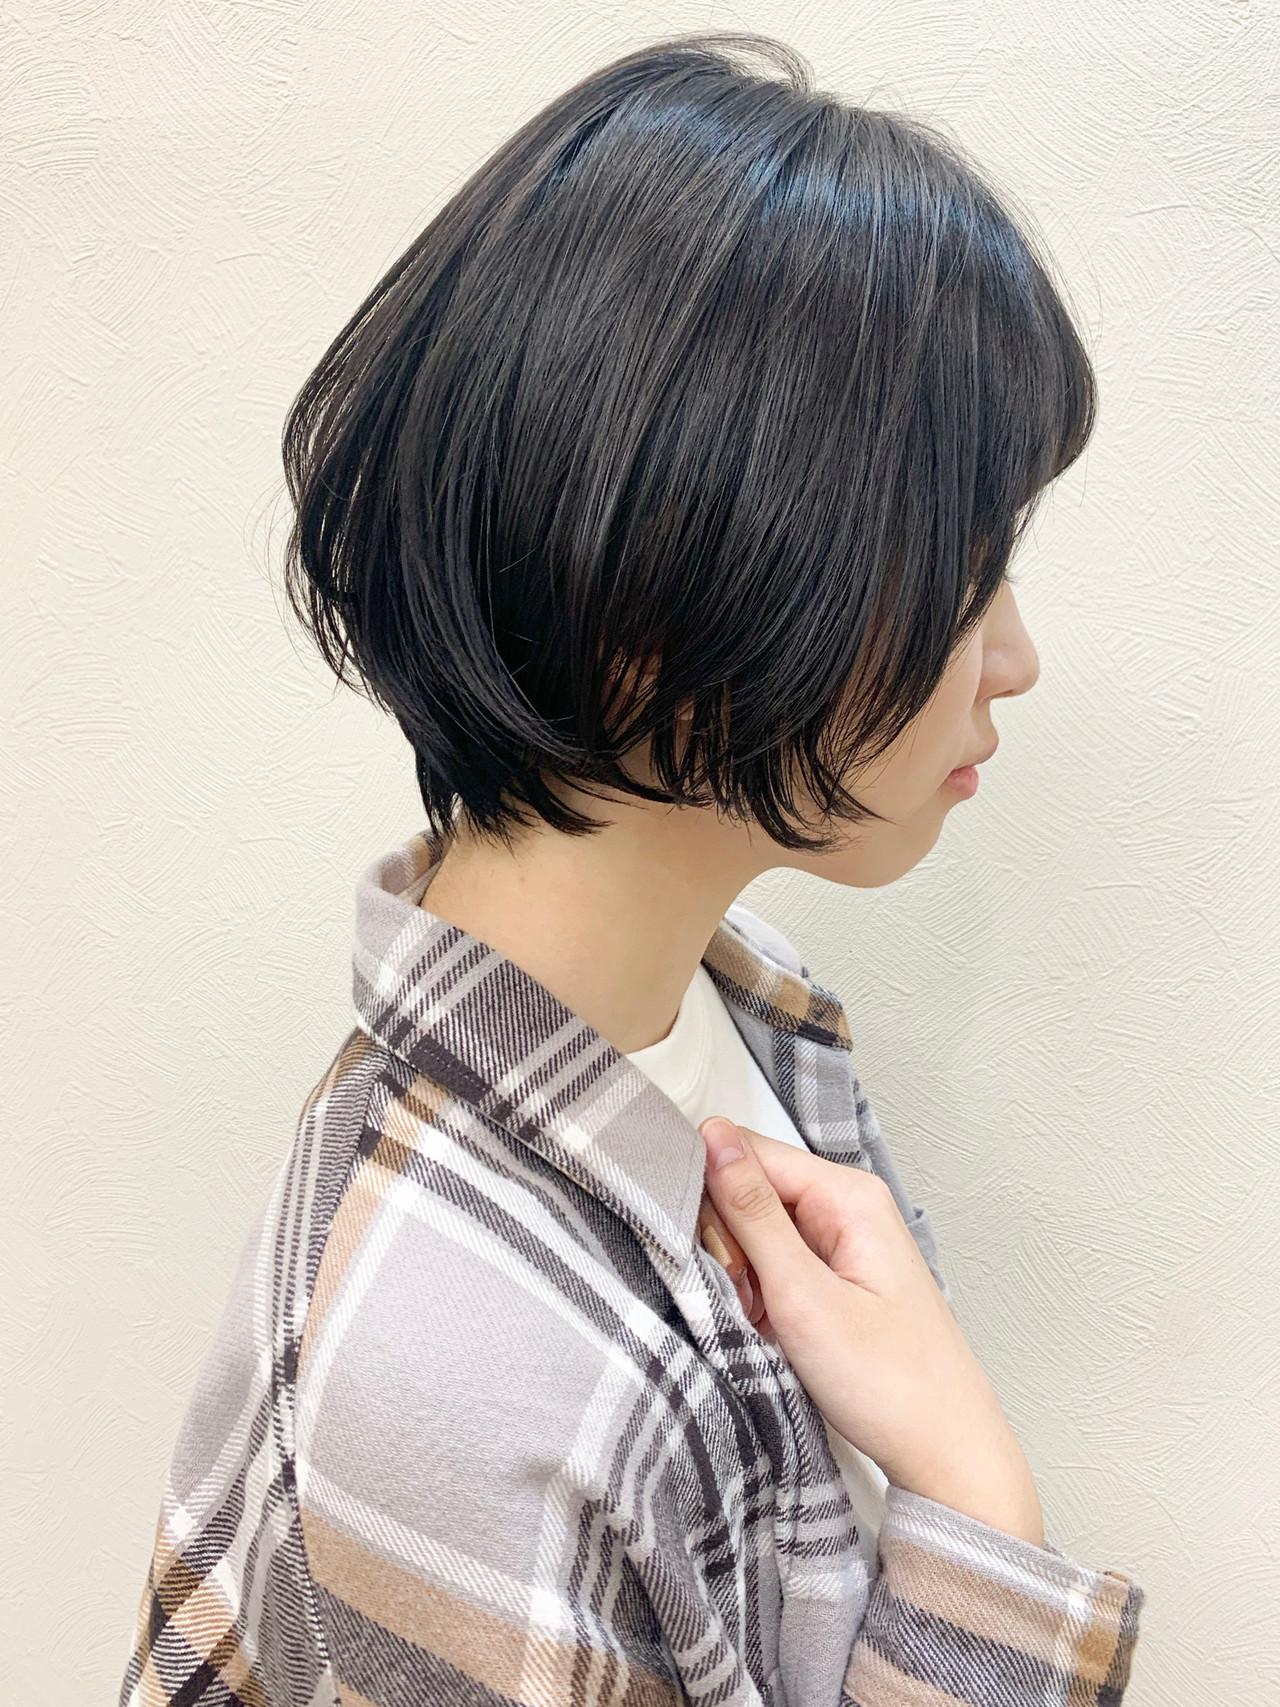 ひし形シルエット ナチュラル 大人かわいい ショート ヘアスタイルや髪型の写真・画像